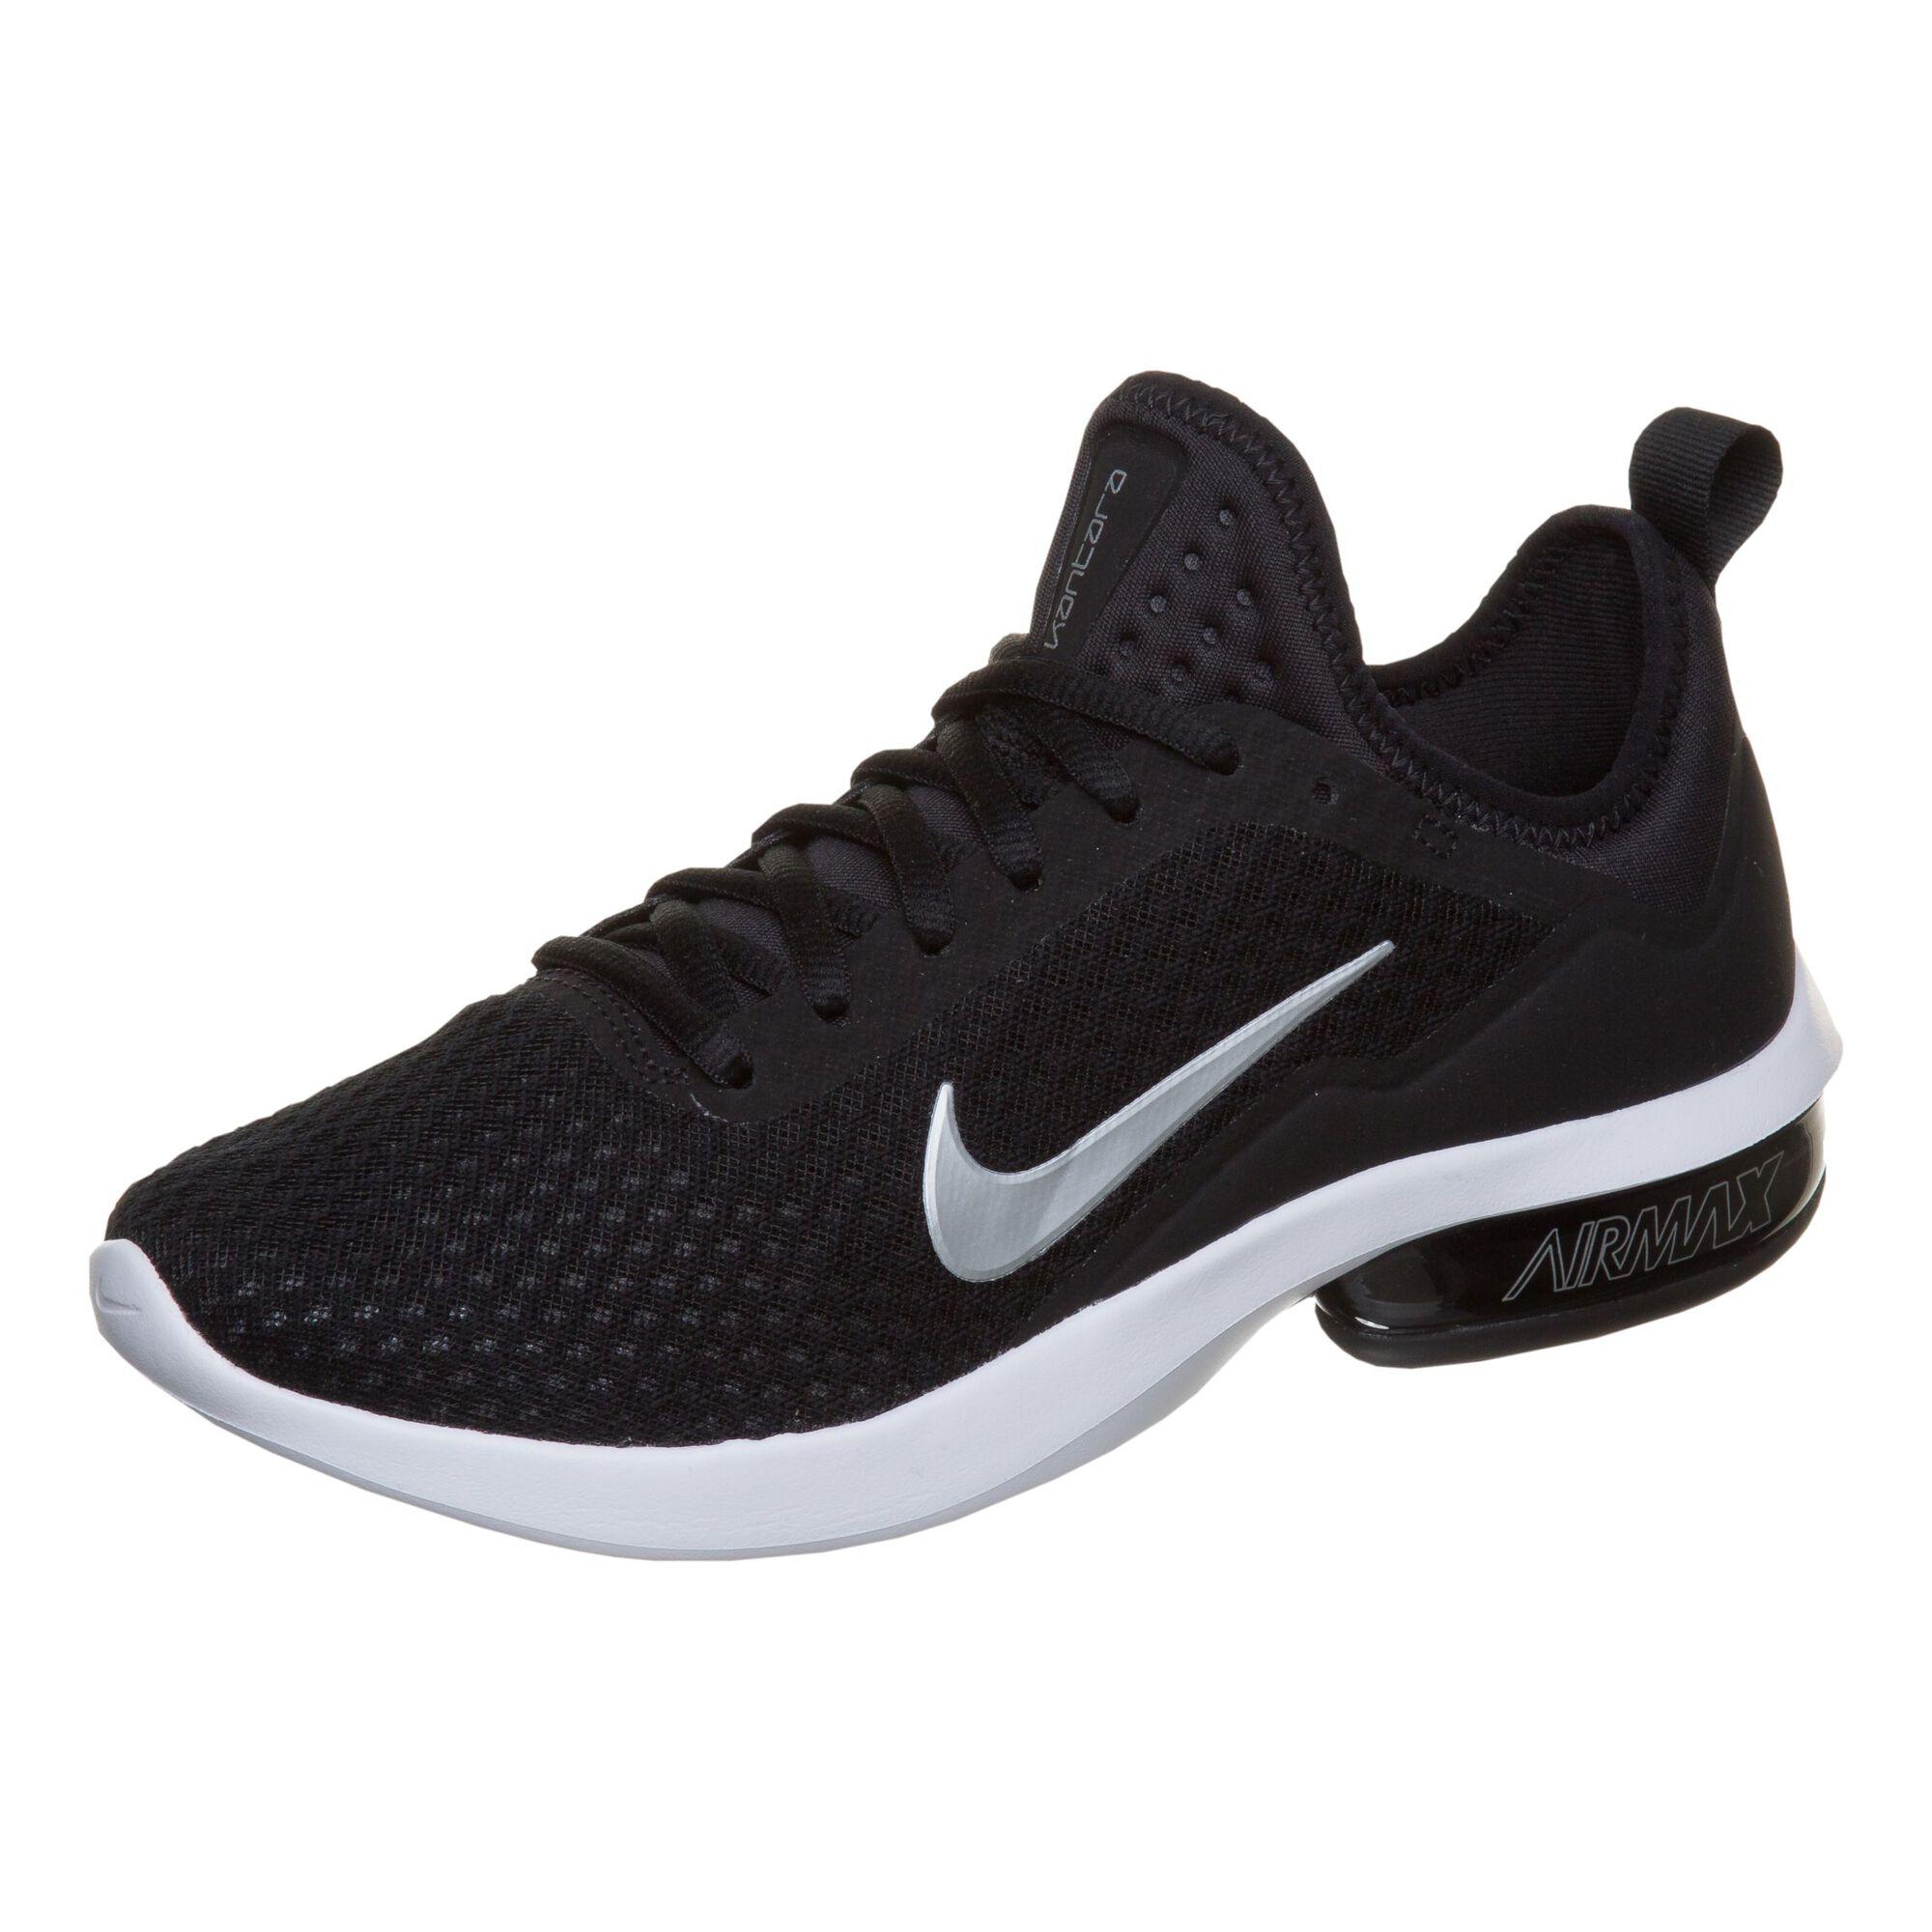 c37748b4f0 Nike; Nike; Nike; Nike; Nike; Nike; Nike; Nike; Nike; Nike. Air Max Kantara  Running Shoe Women ...